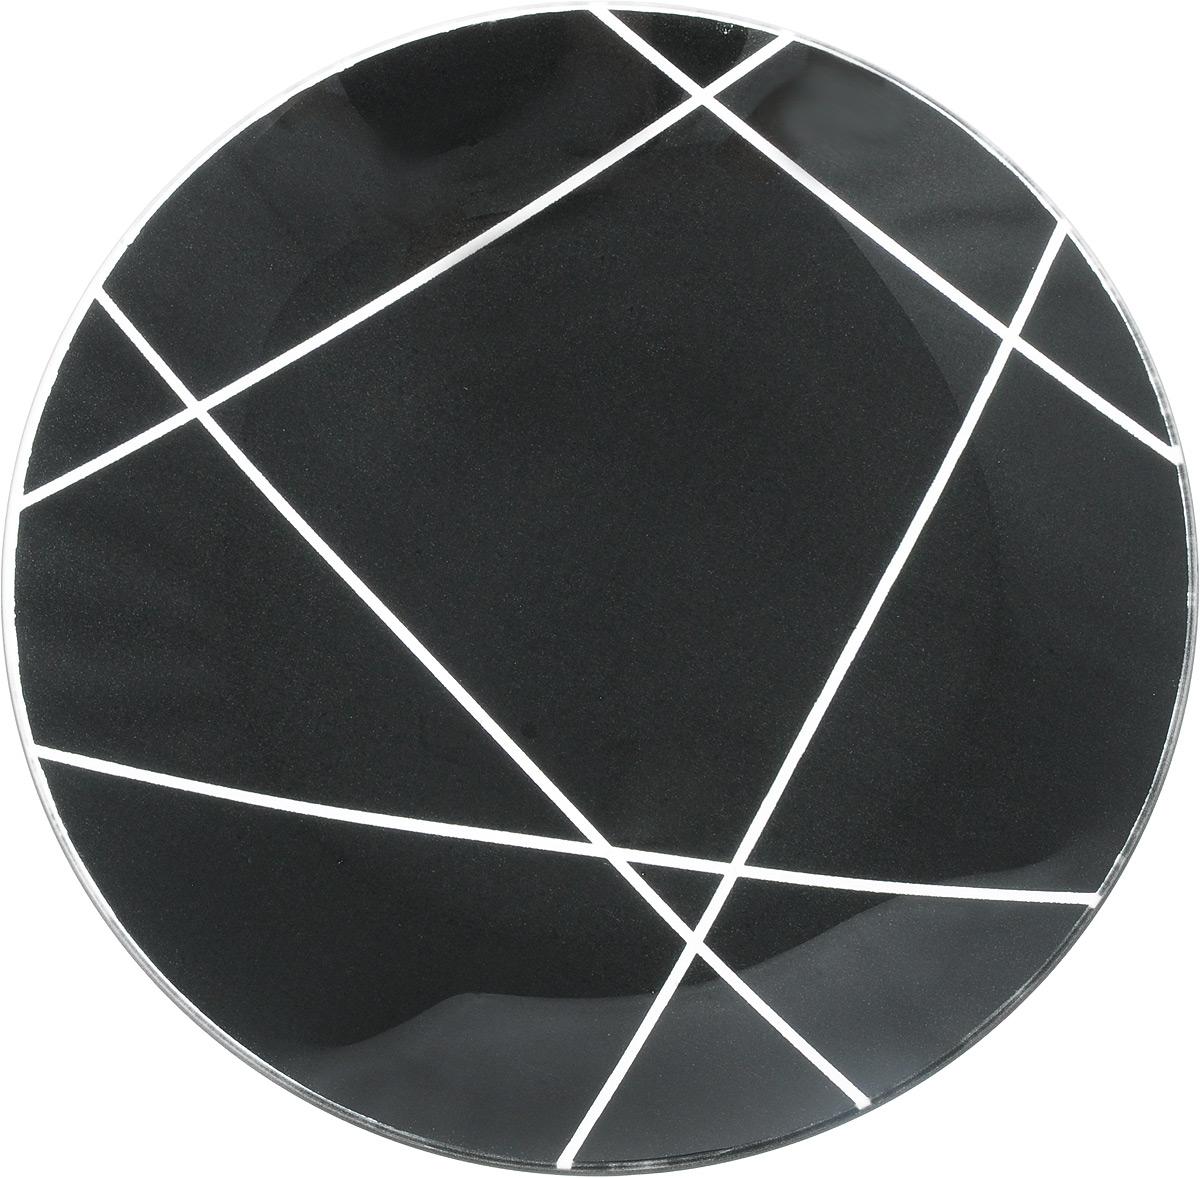 Тарелка NiNaGlass Контур, цвет: черный, диаметр 20 см ваза ninaglass дана цвет шоколад высота 16 см